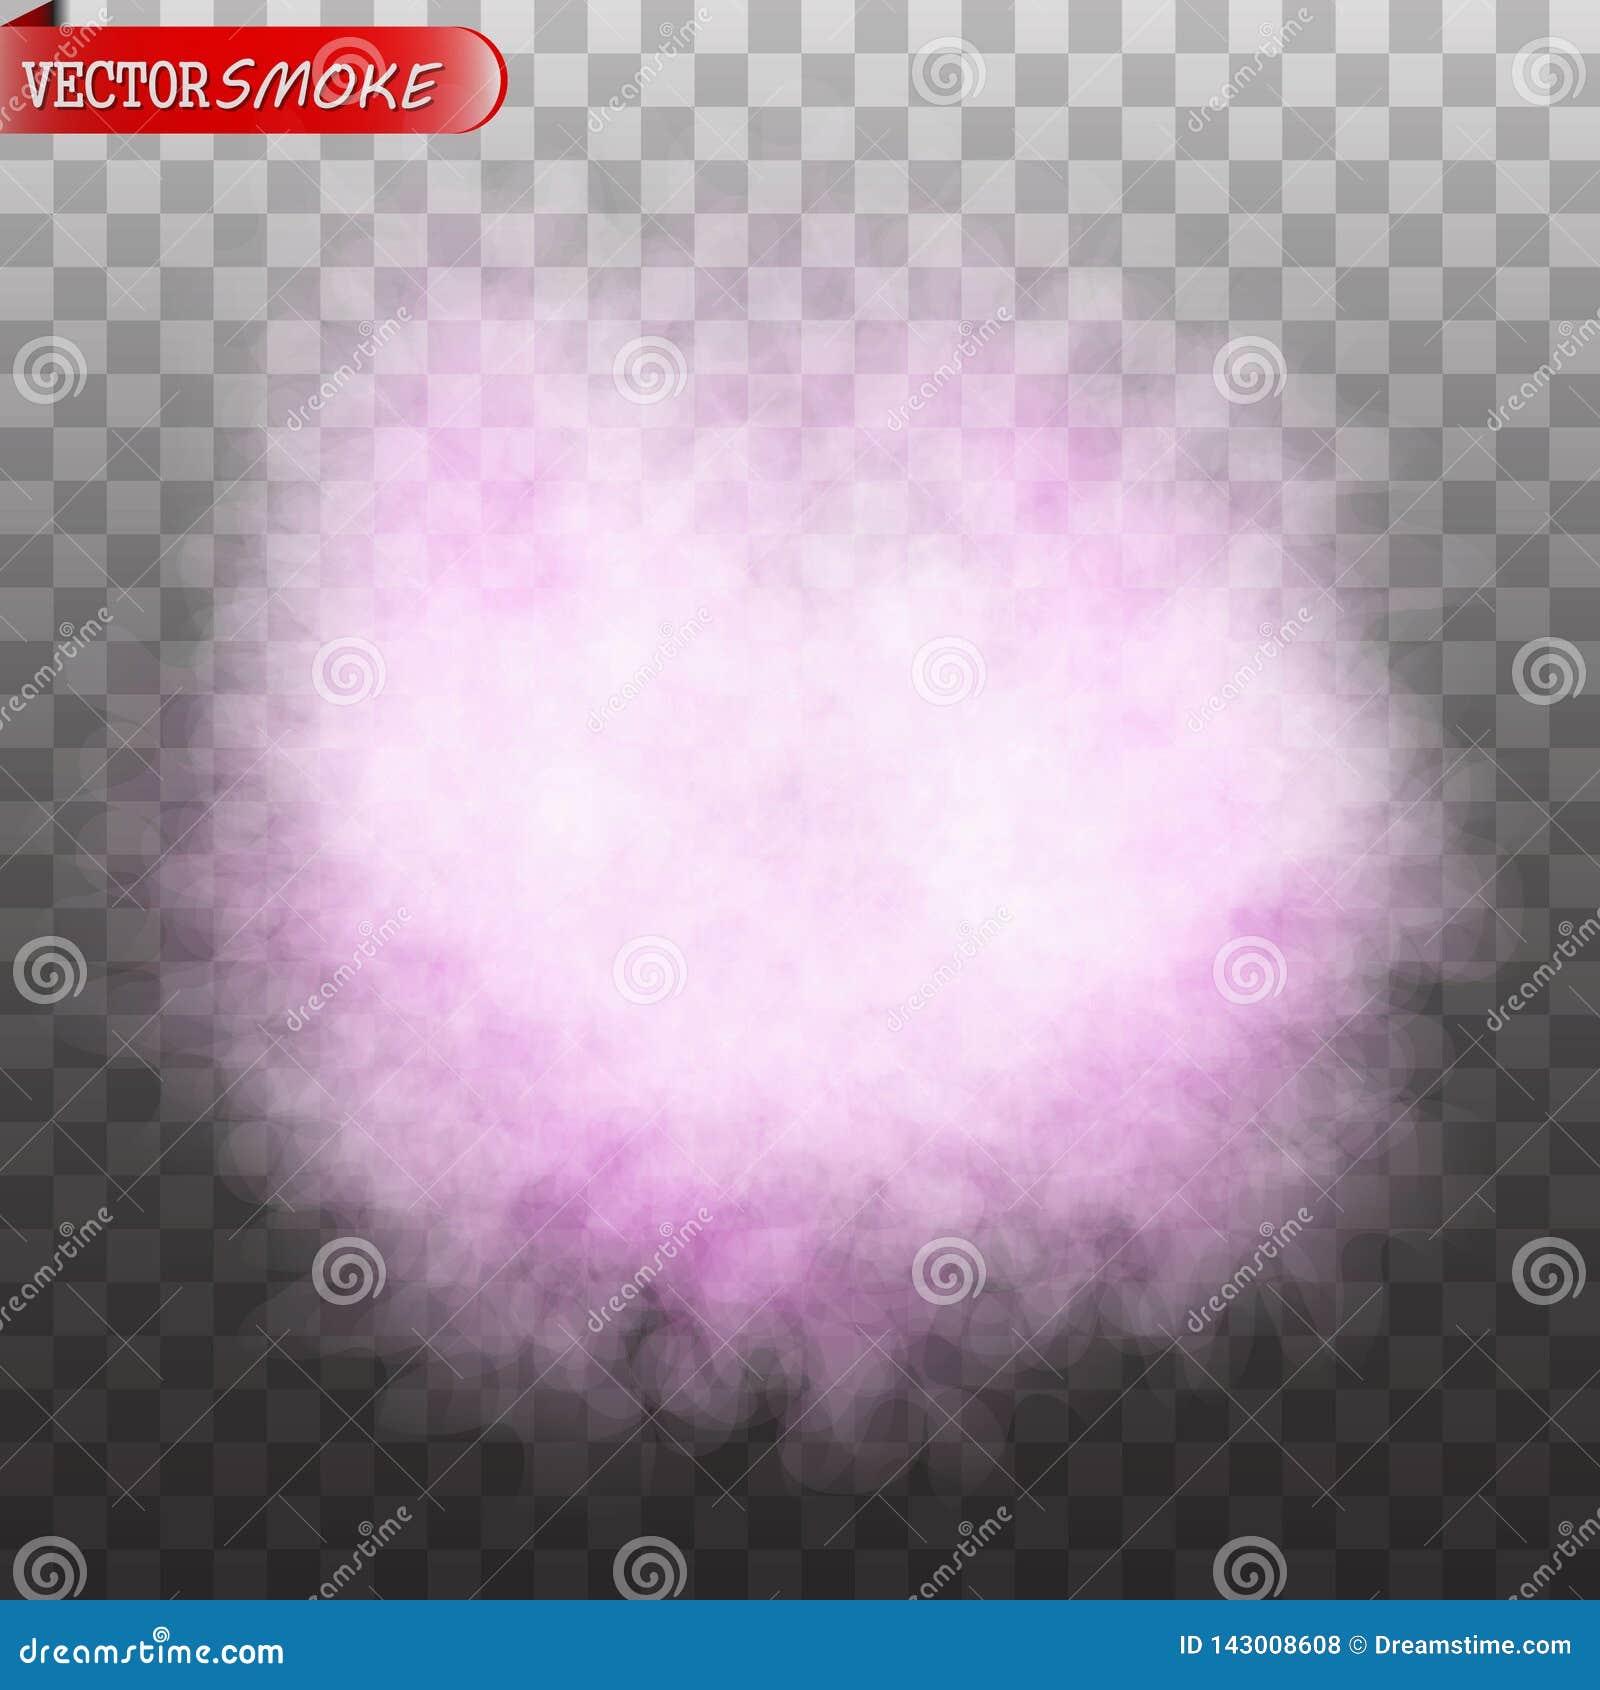 Effetto speciale trasparente isolato colore porpora del fumo o della nebbia